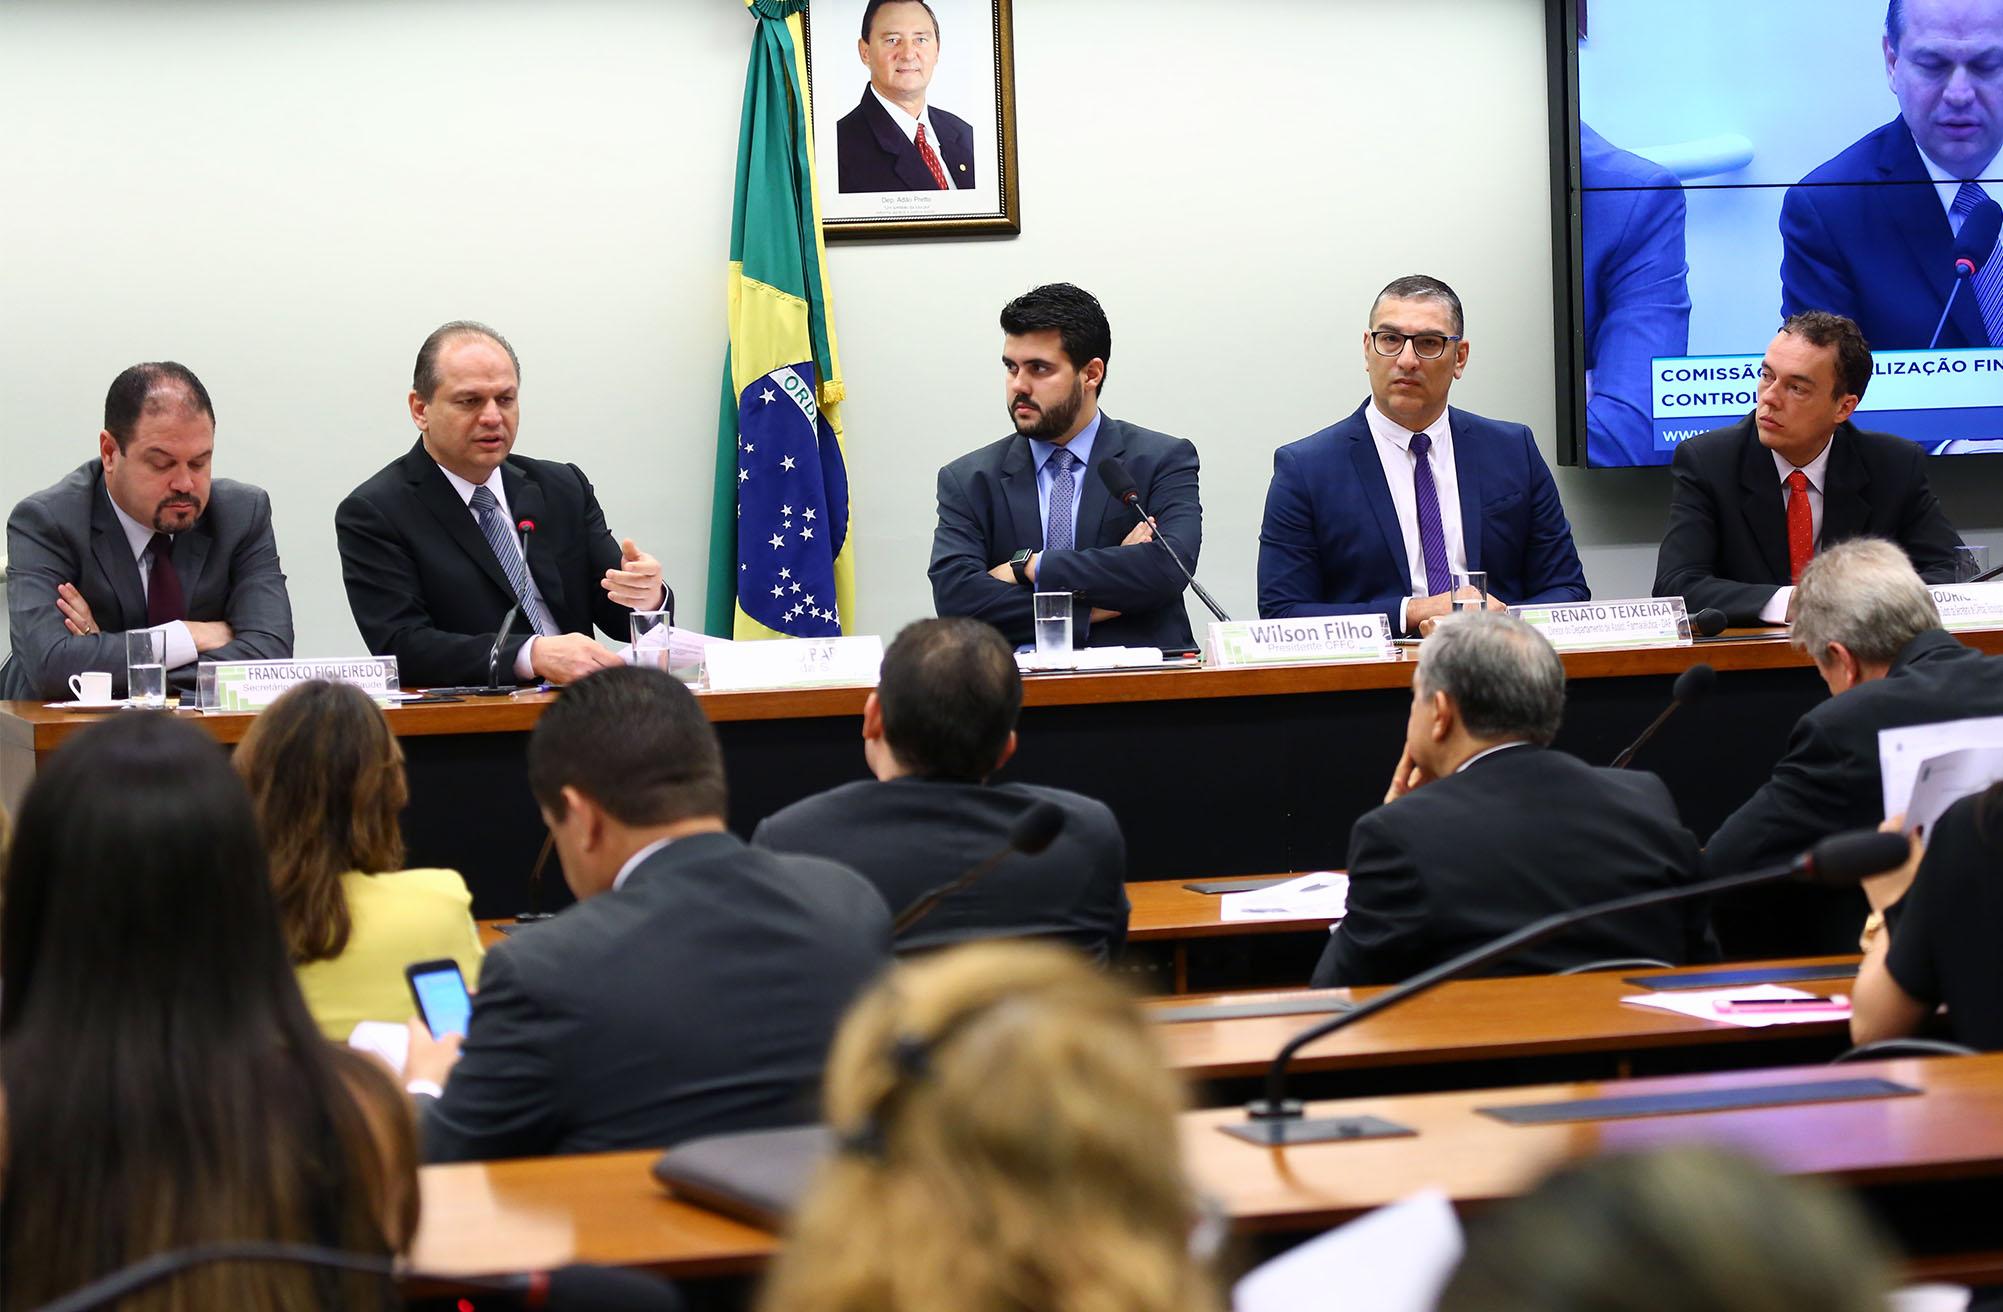 Audiência pública para explicar o processo de escolha de empresa cubana para fabricação de medicamento